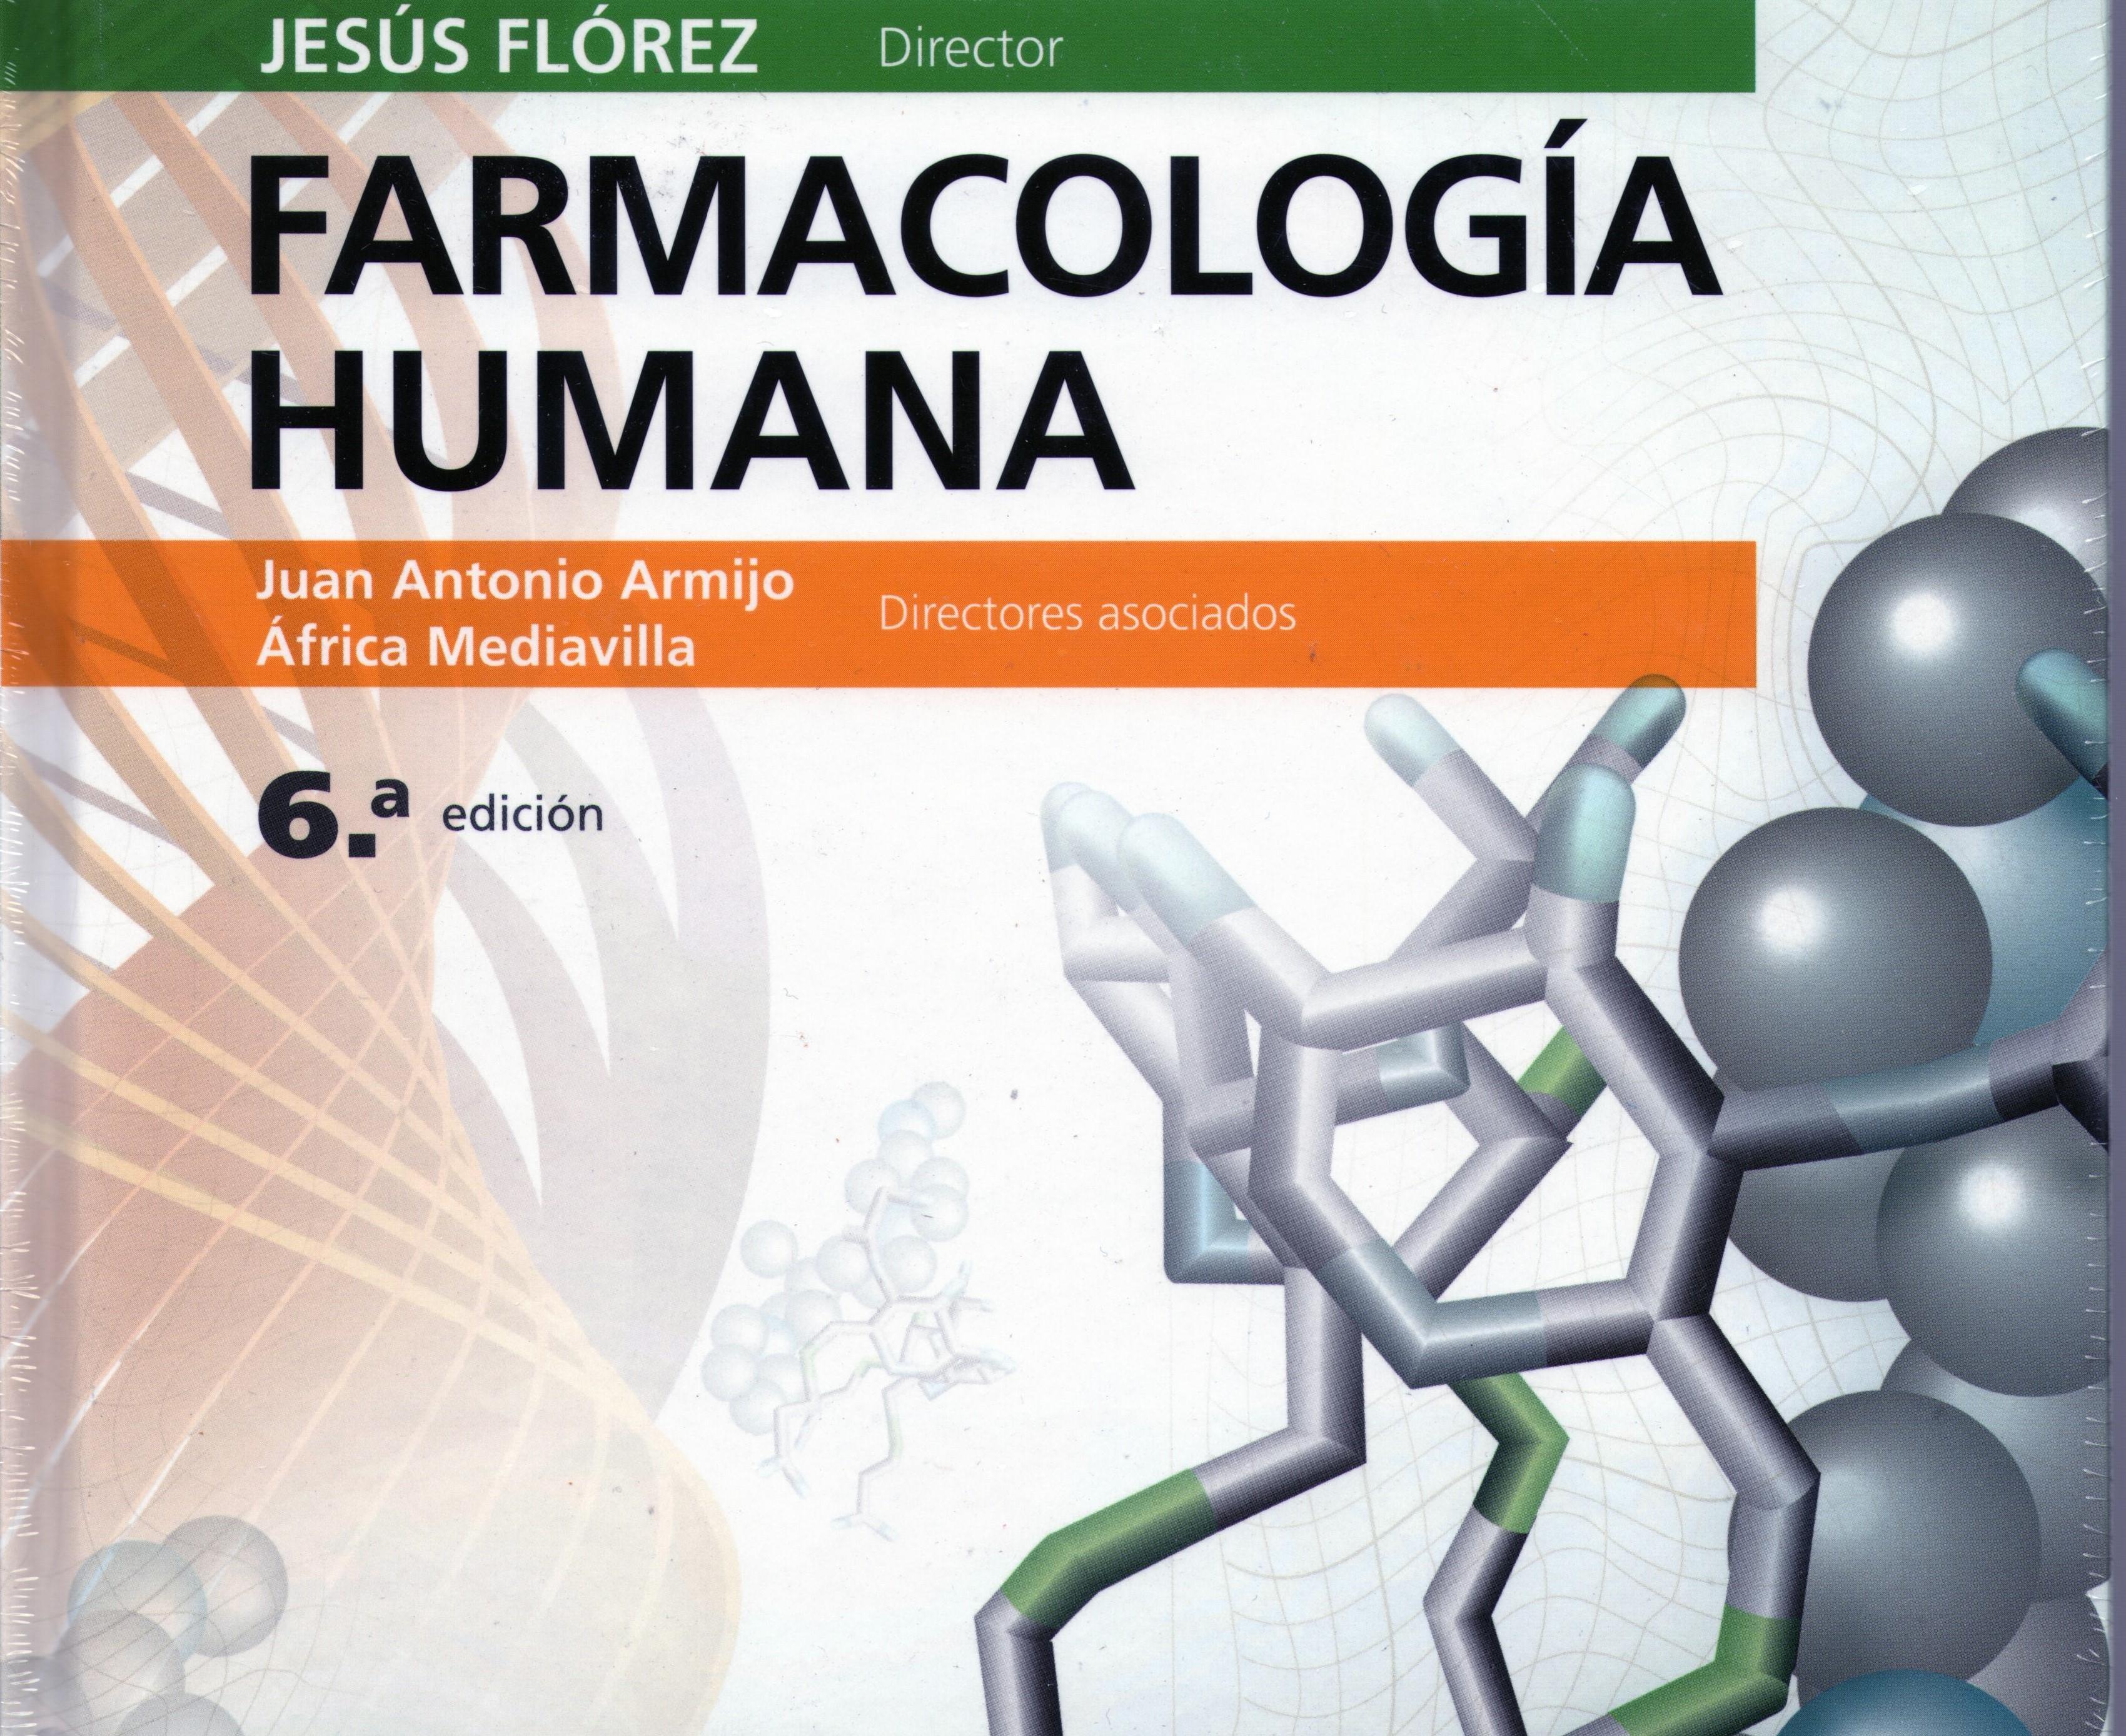 resena-2014-Farmacologia-Florez.jpg